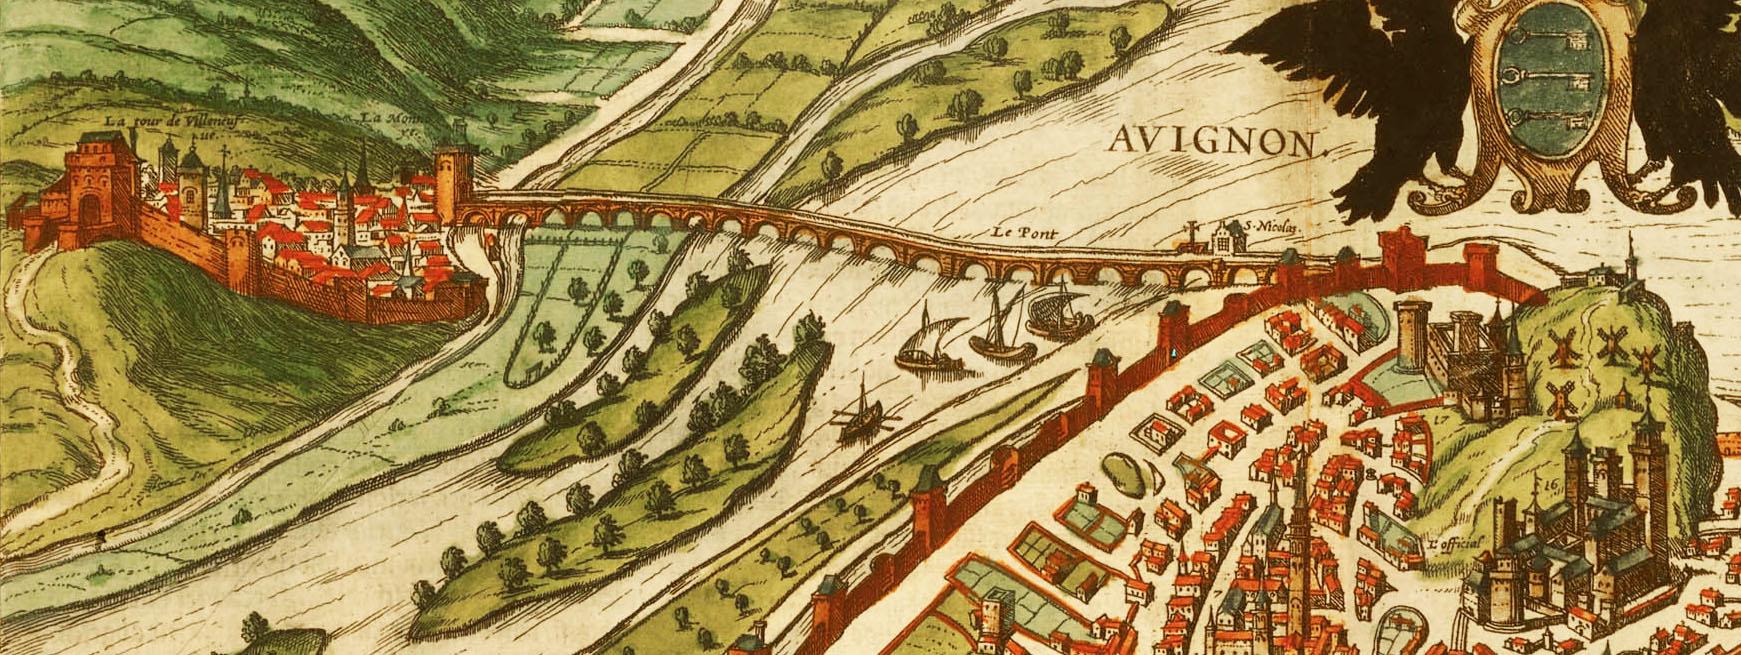 Le pont d'Avignon, gravure historique